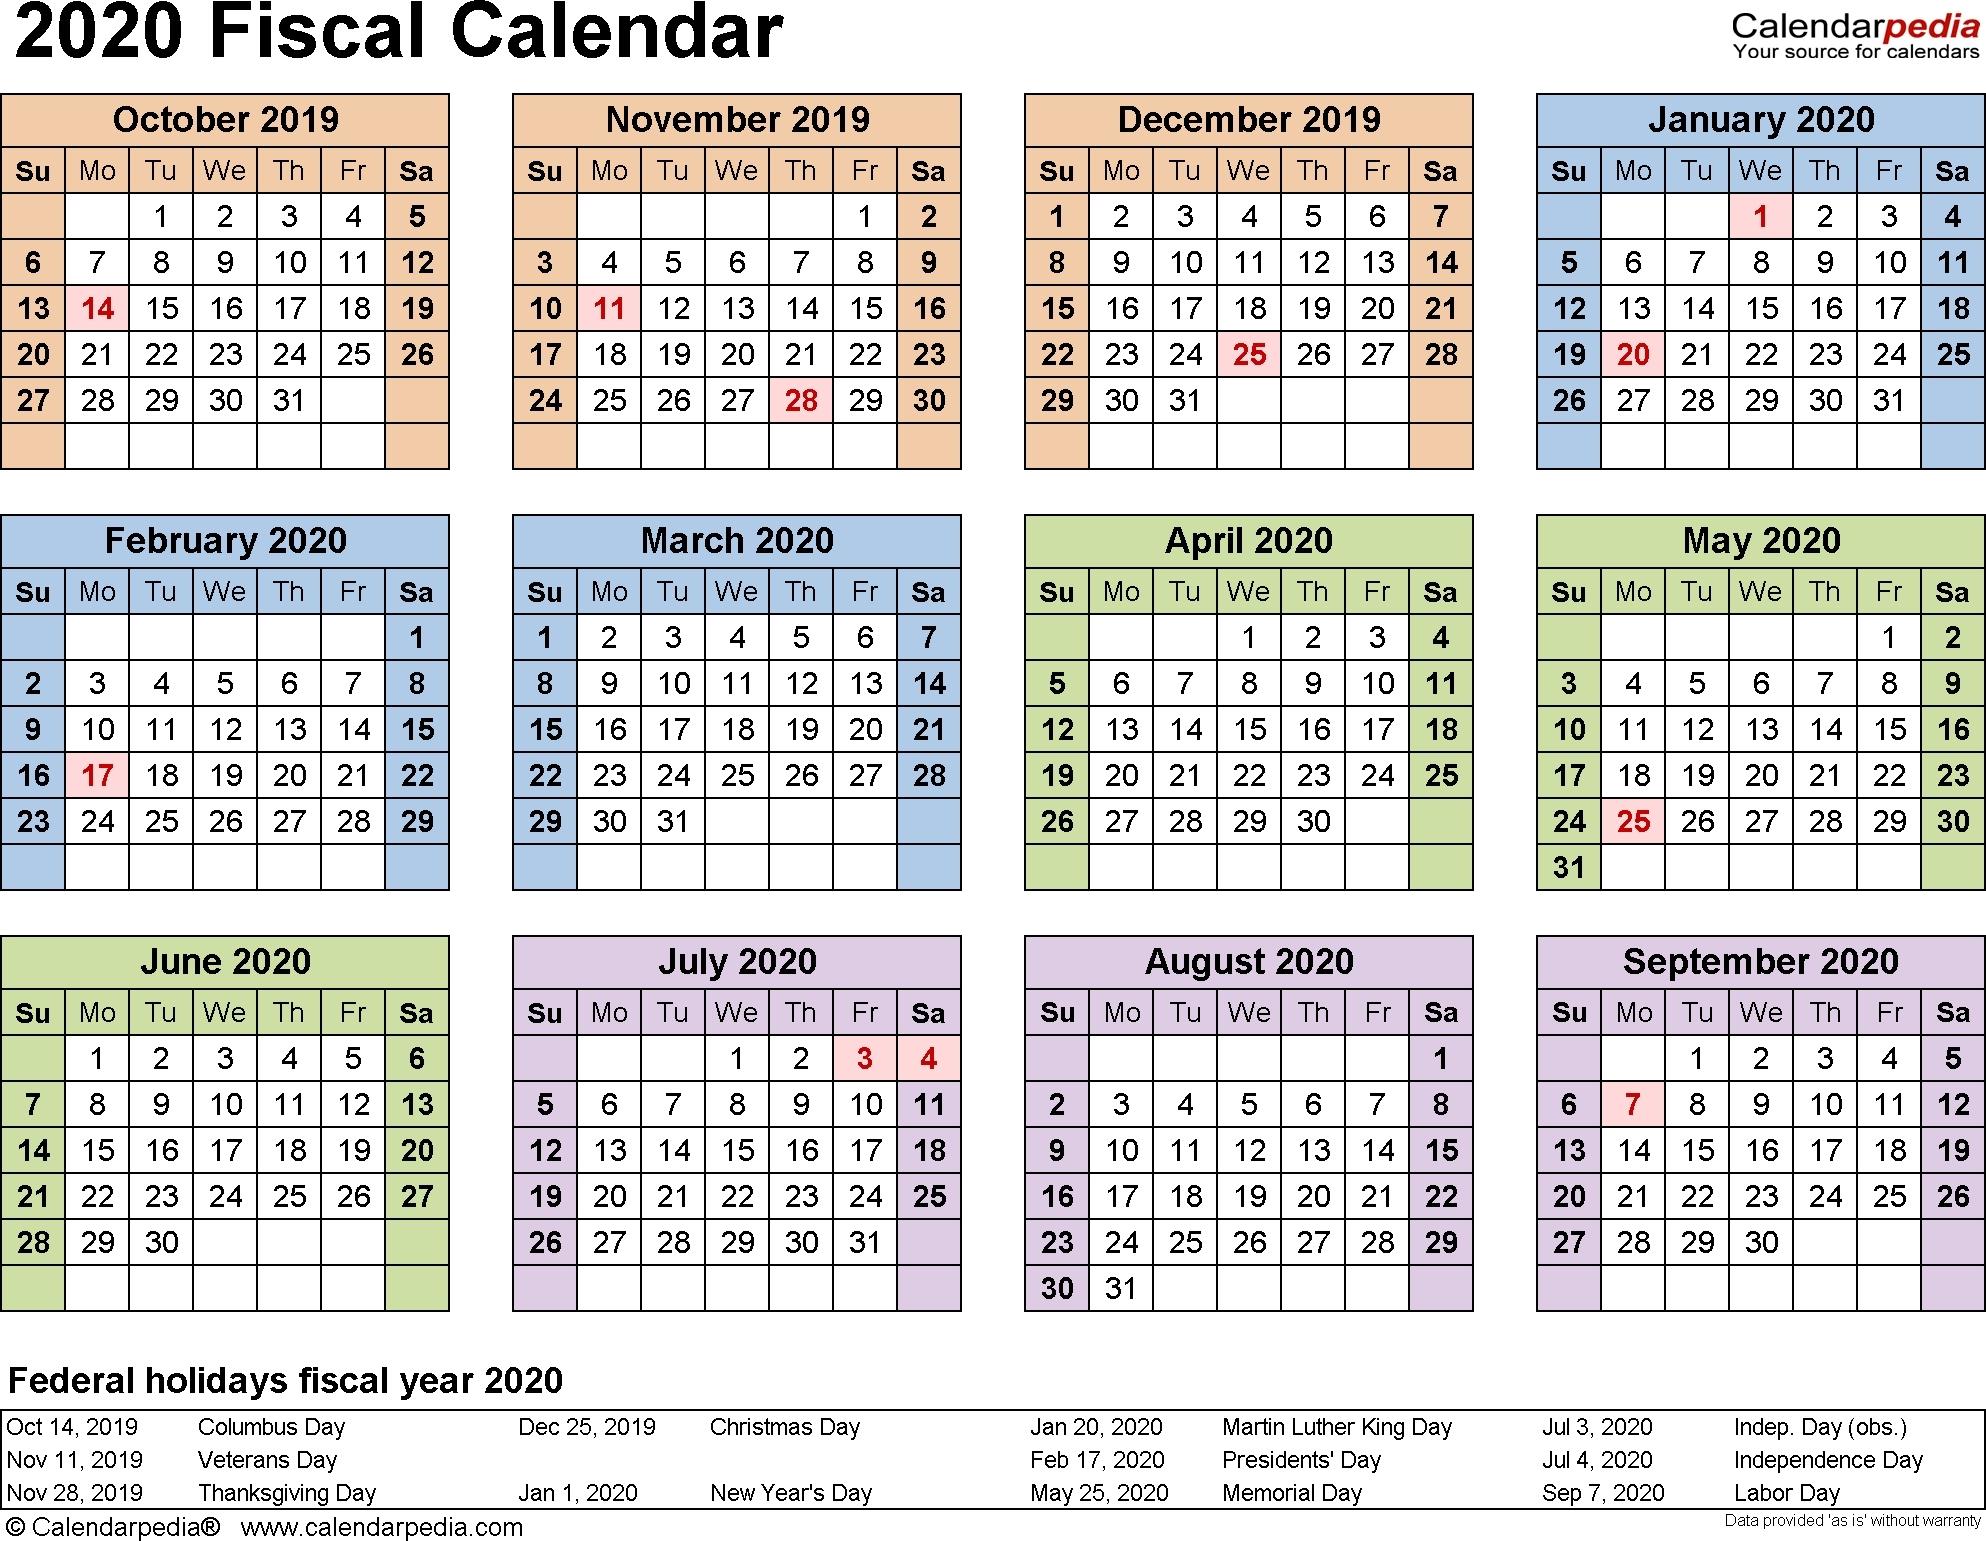 Payroll Calendar Dod 2020 | Payroll Calendar 2020  Federal Pp Calendar 2020